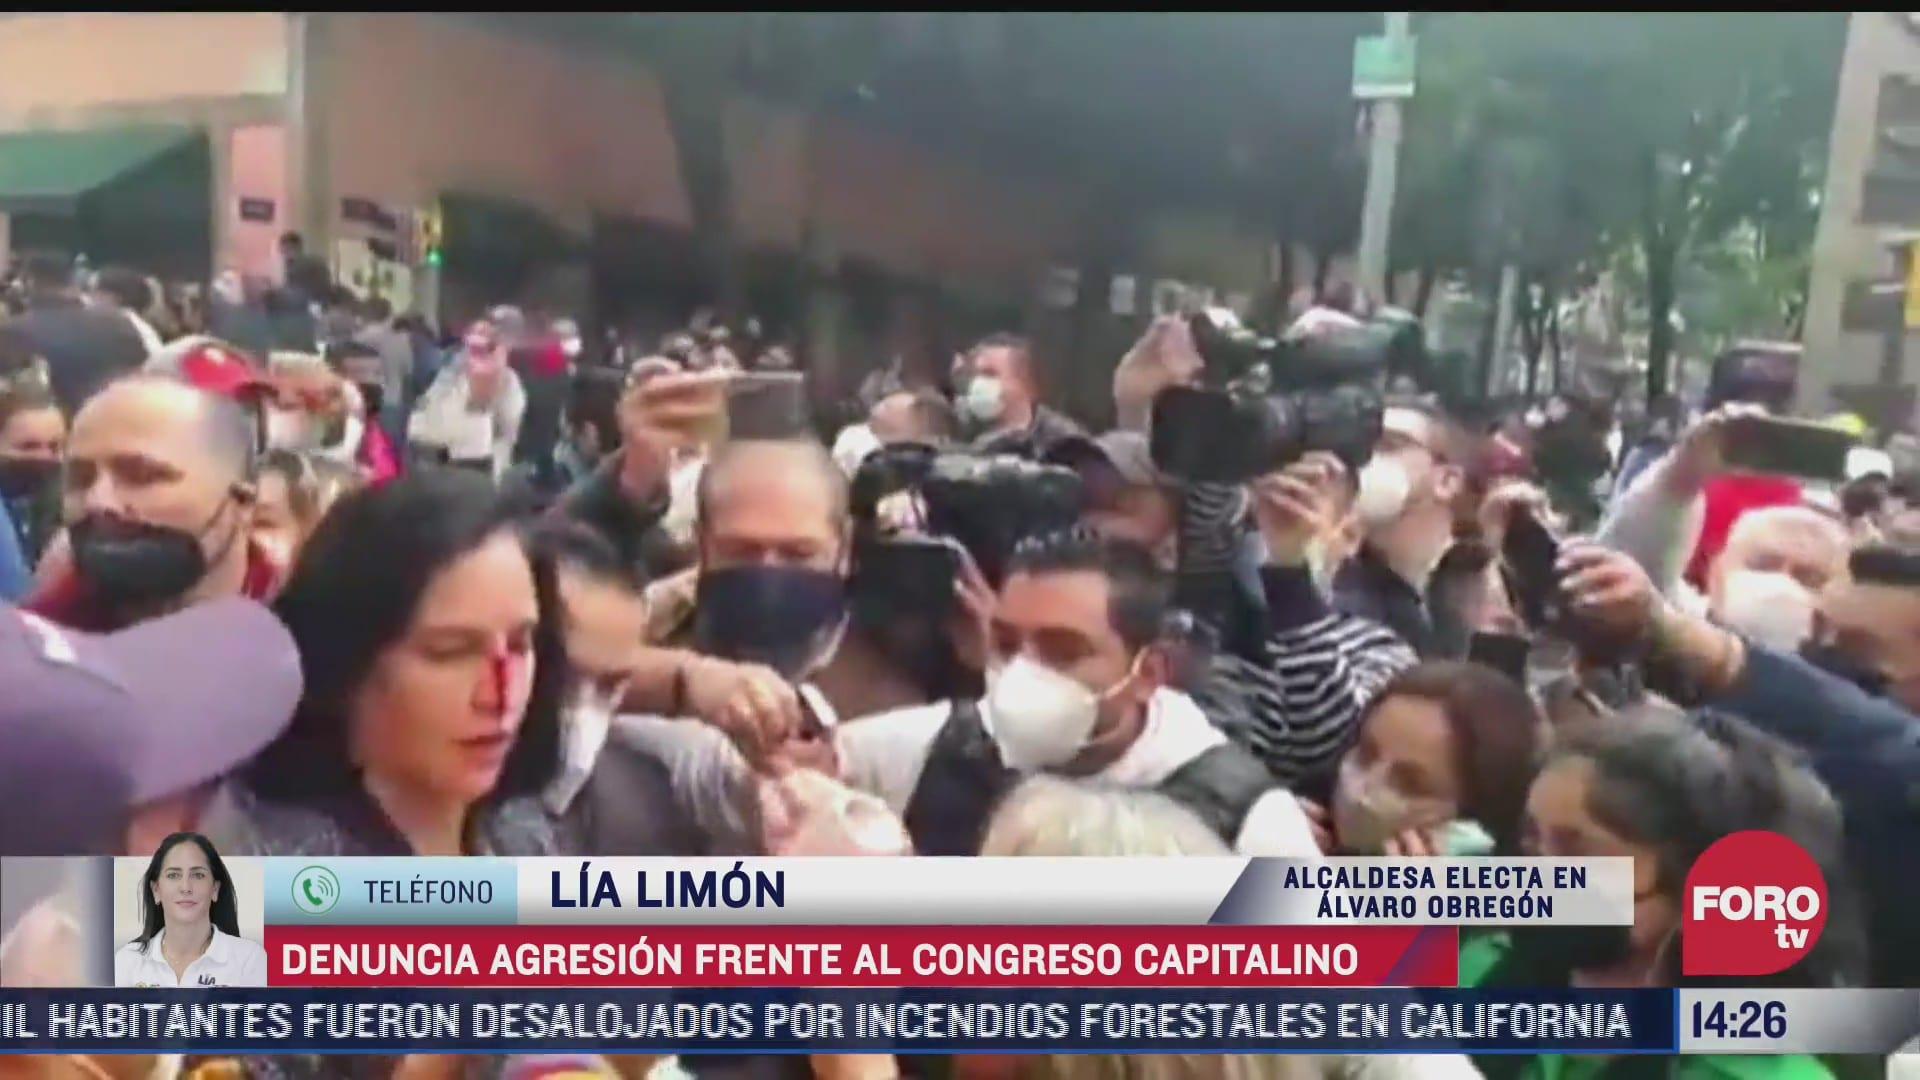 postura del gobierno de cdmx tras agresion a lia limon